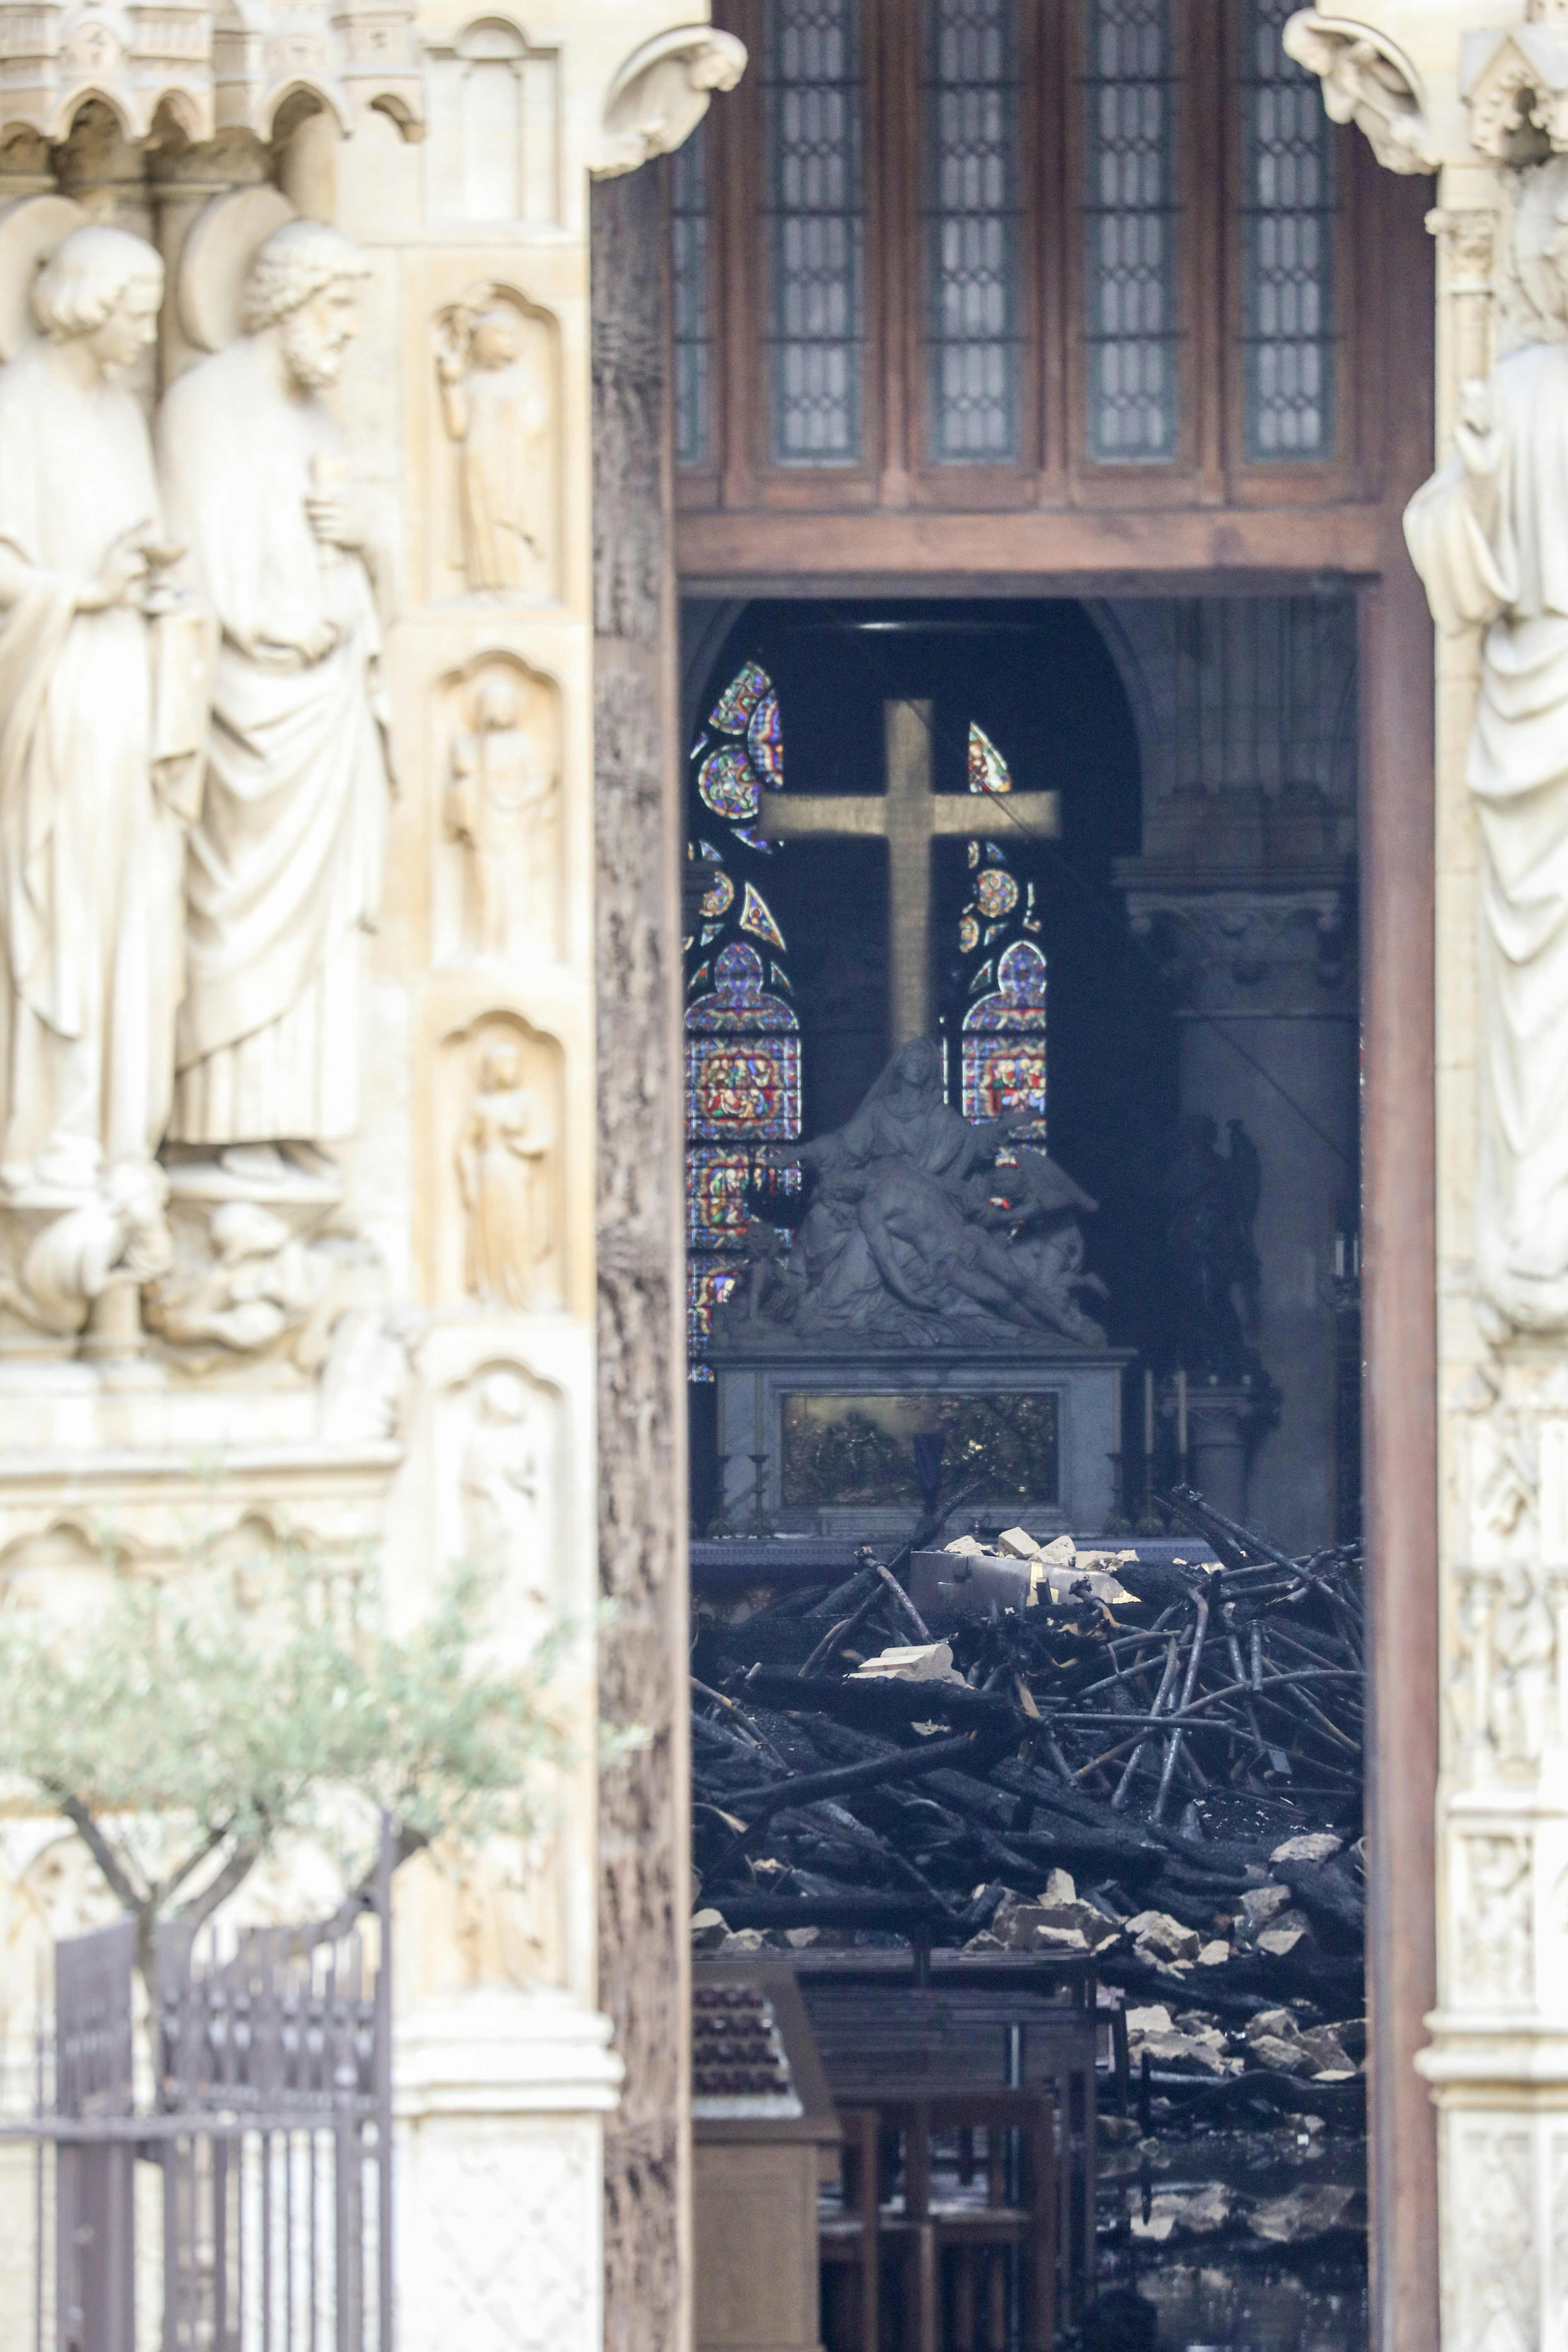 Los restos que dejó el incendio, observados desde el exterior